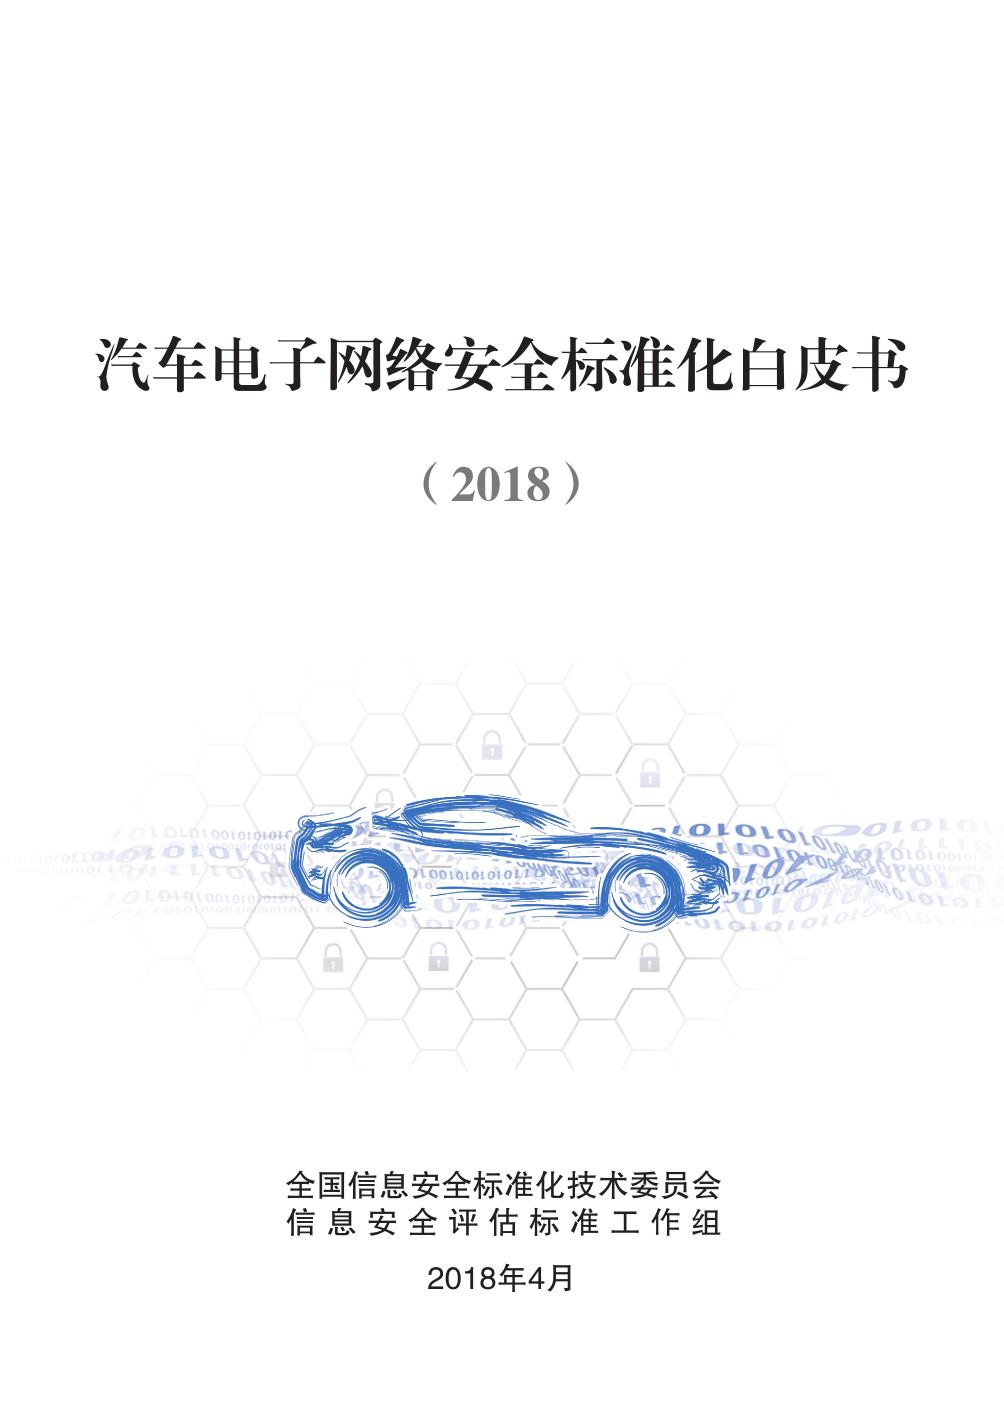 中国电子技术标准化研究院:2018汽车电子网络安全标准化白皮书(附下载)